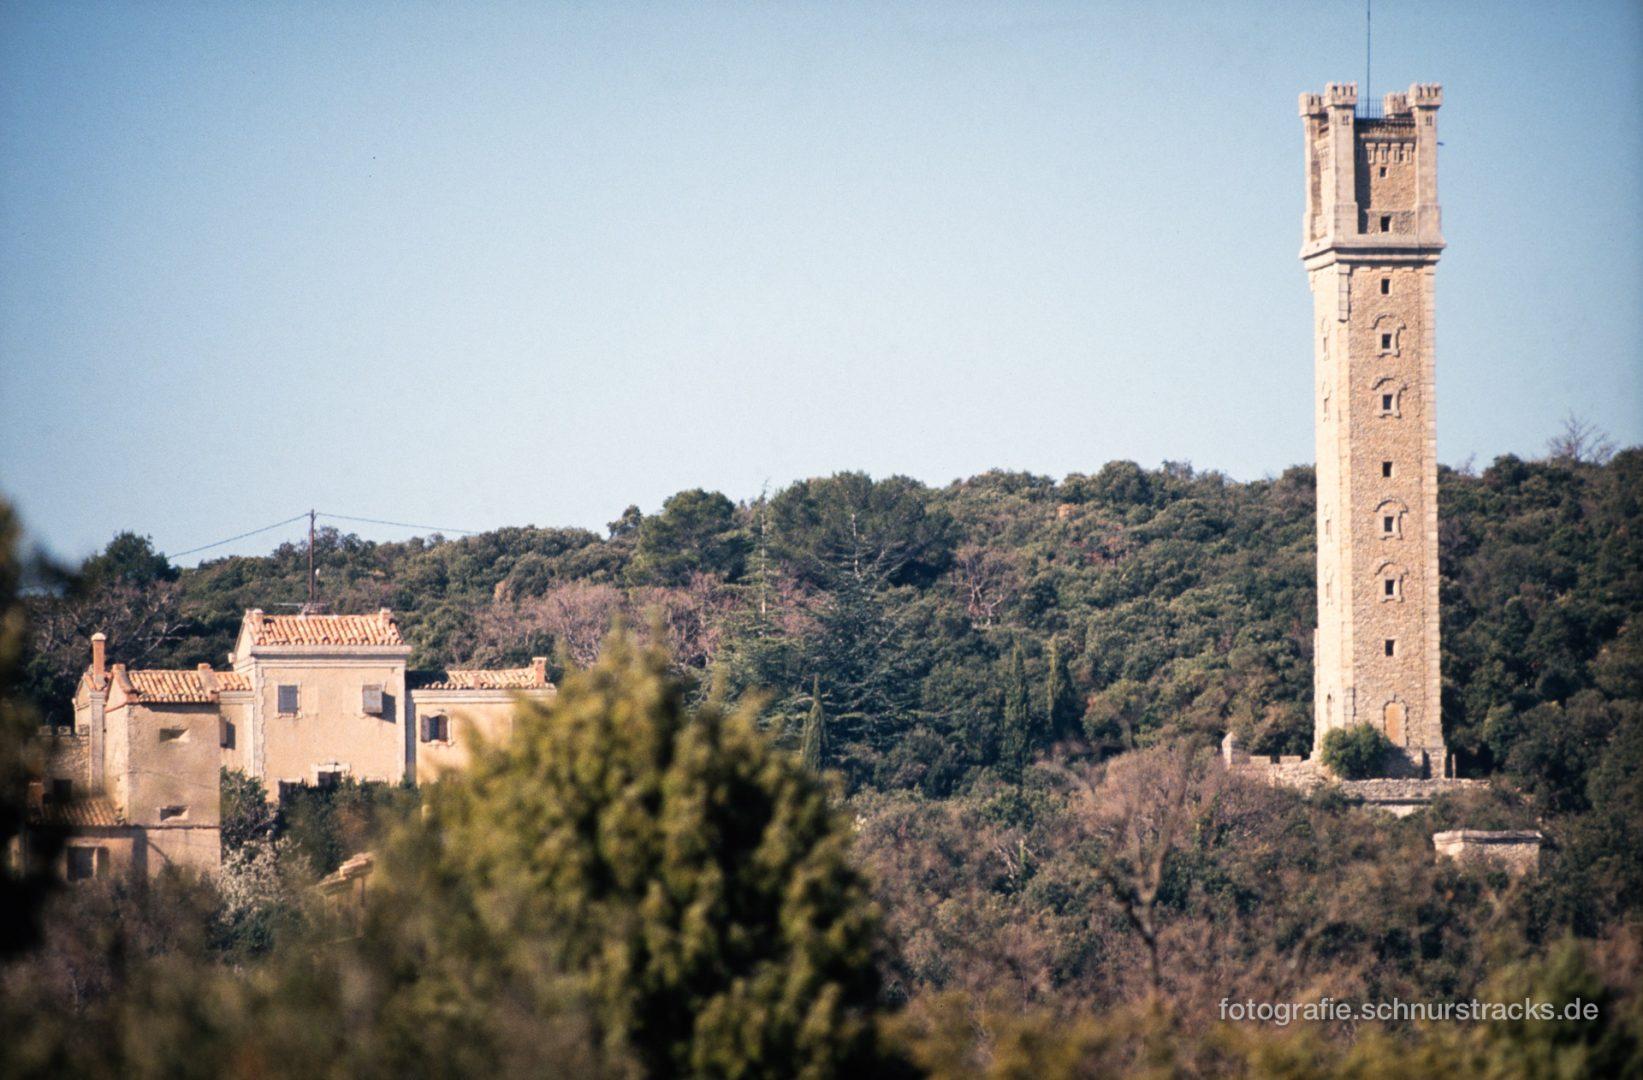 Foret des cedres - Bonnieux - Provence